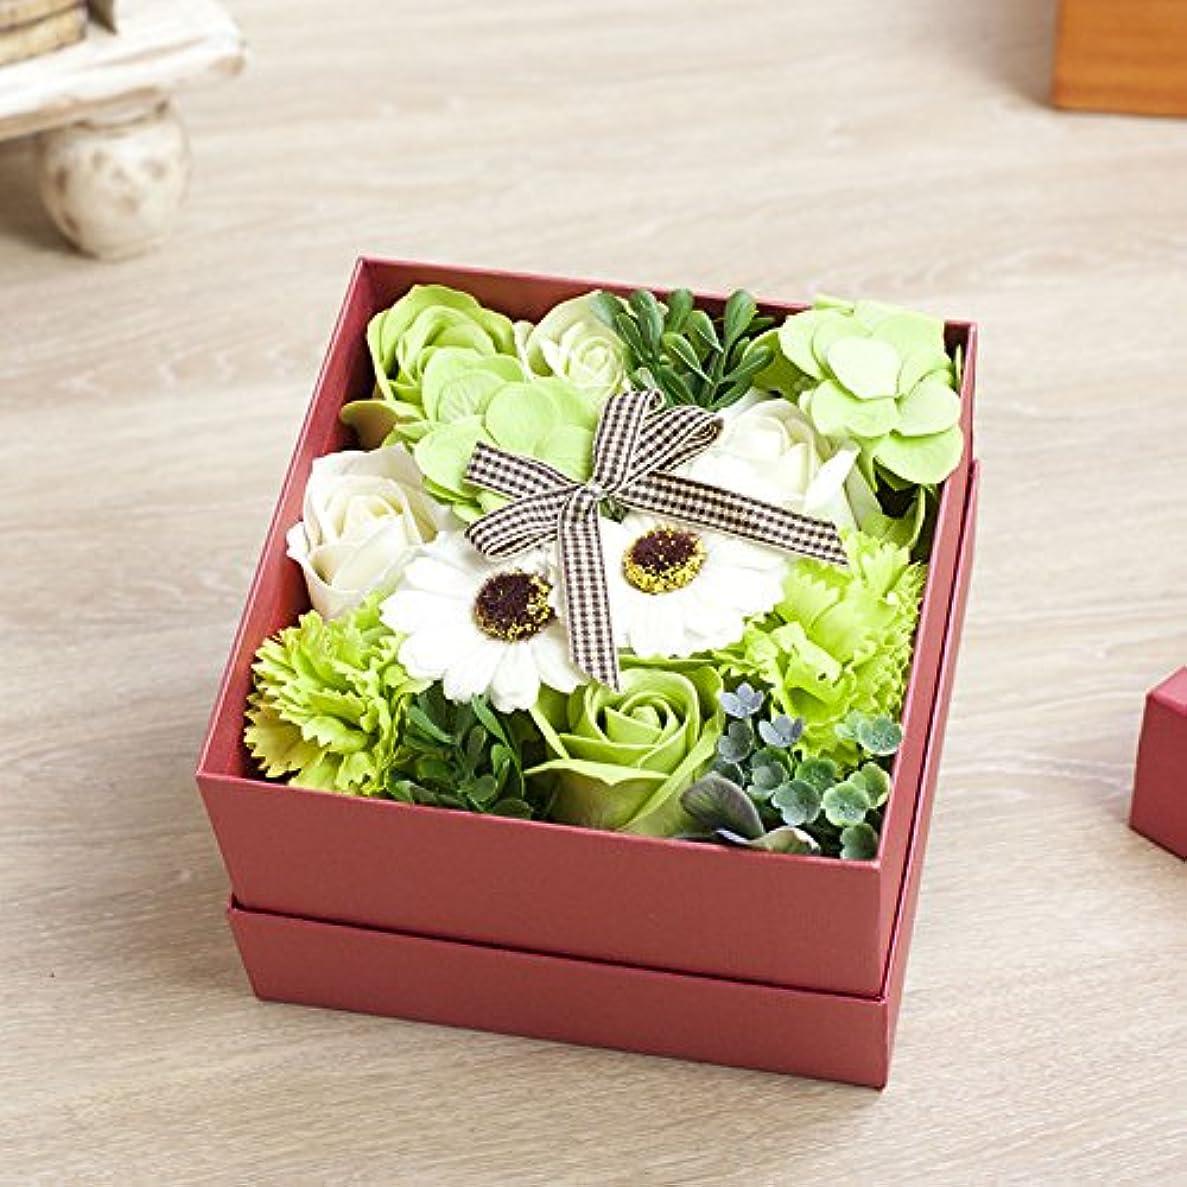 義務ディスカウント例外花のカタチの入浴料!フラワーフレグランスボックス ピンクボックス